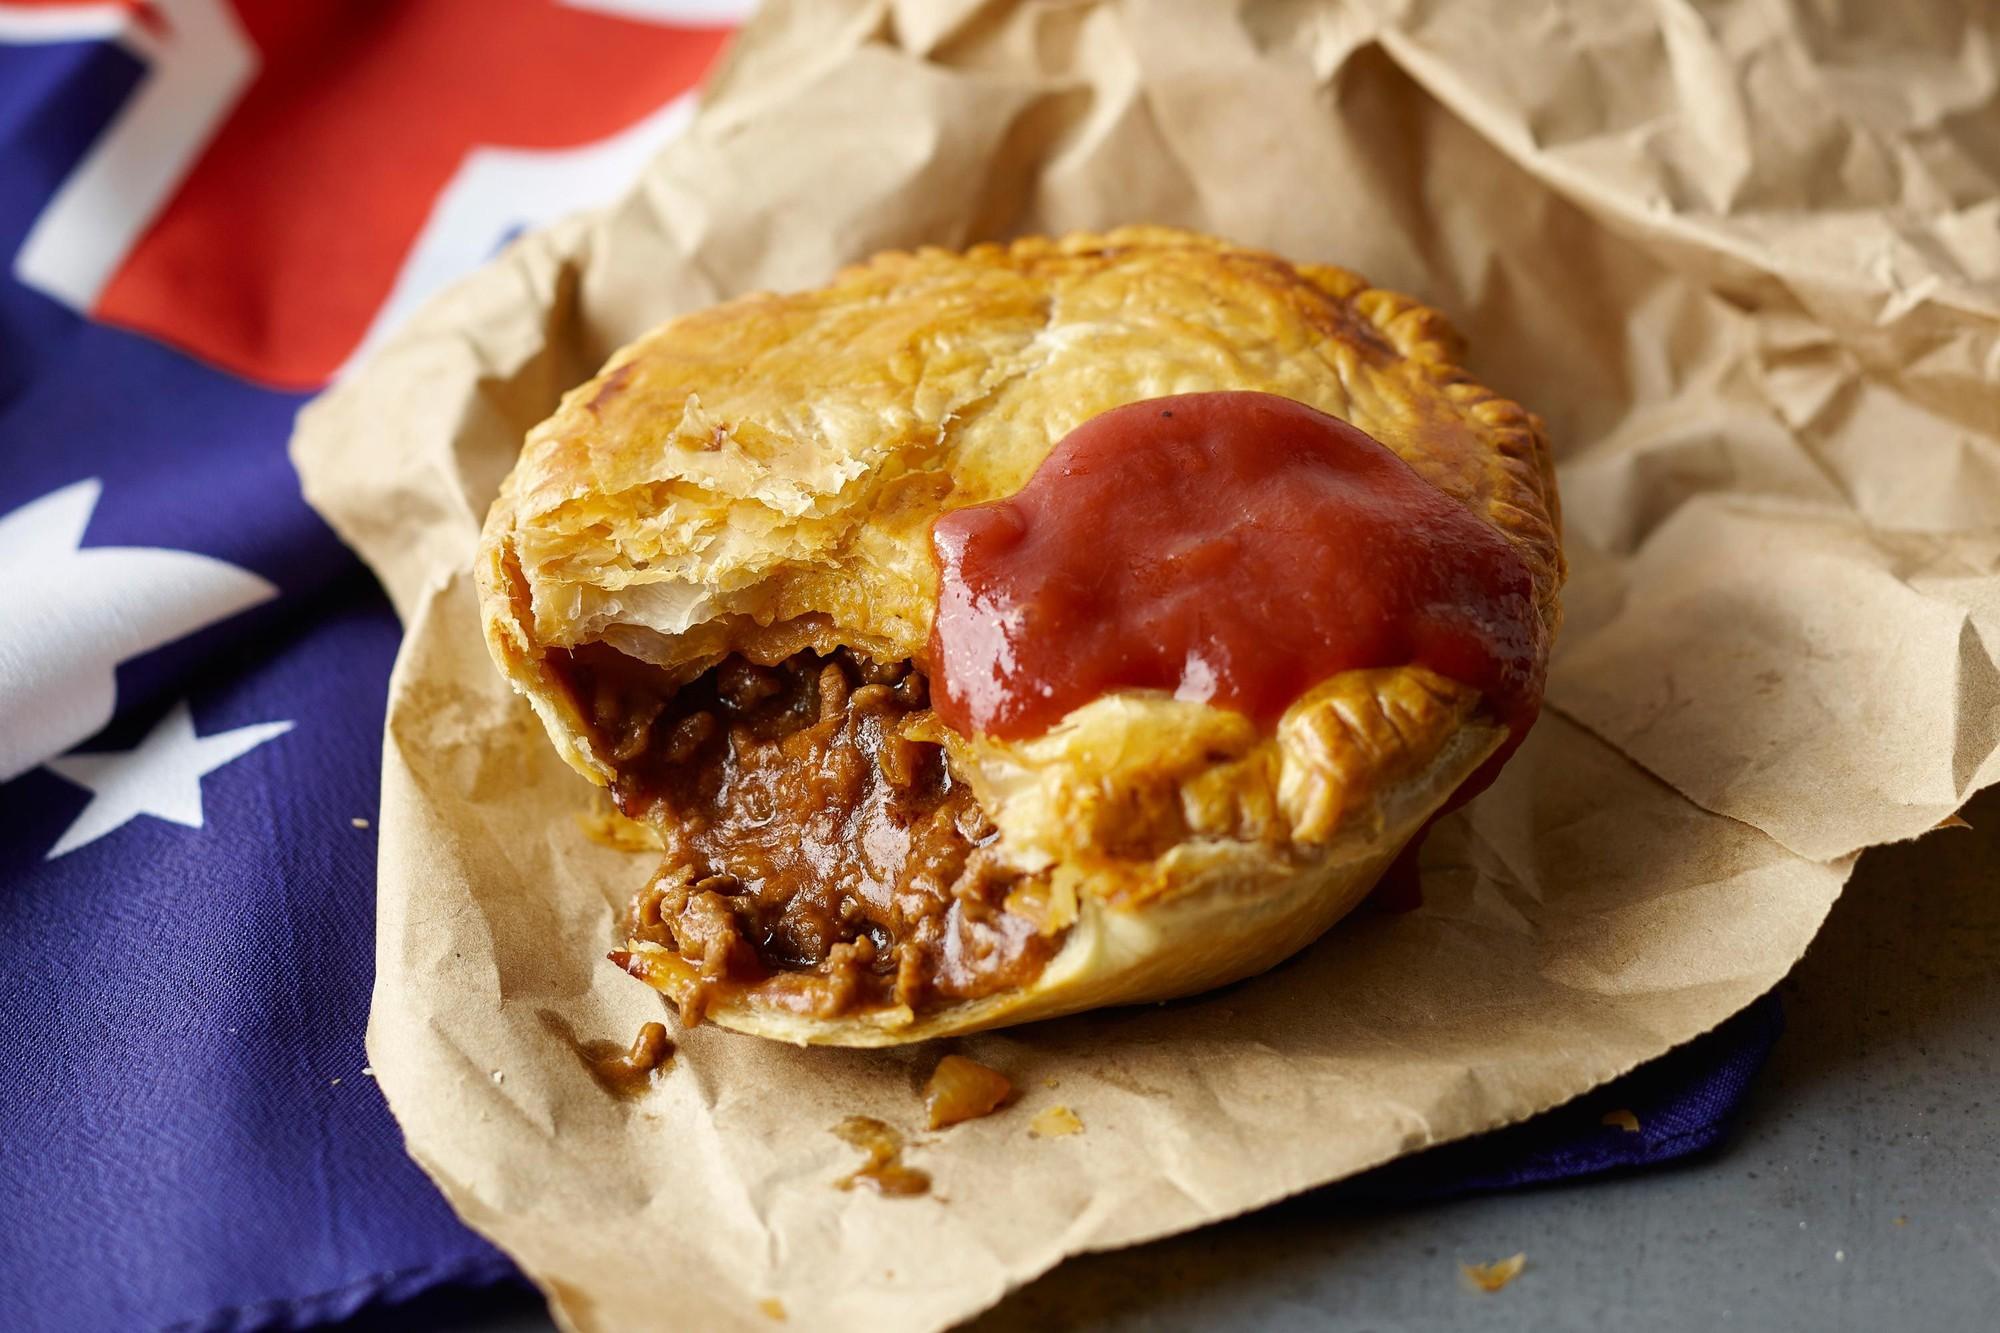 Món bánh nhất định phải ăn cho bằng được nếu có dịp đến Úc để không phí cả chuyến đi - Ảnh 5.